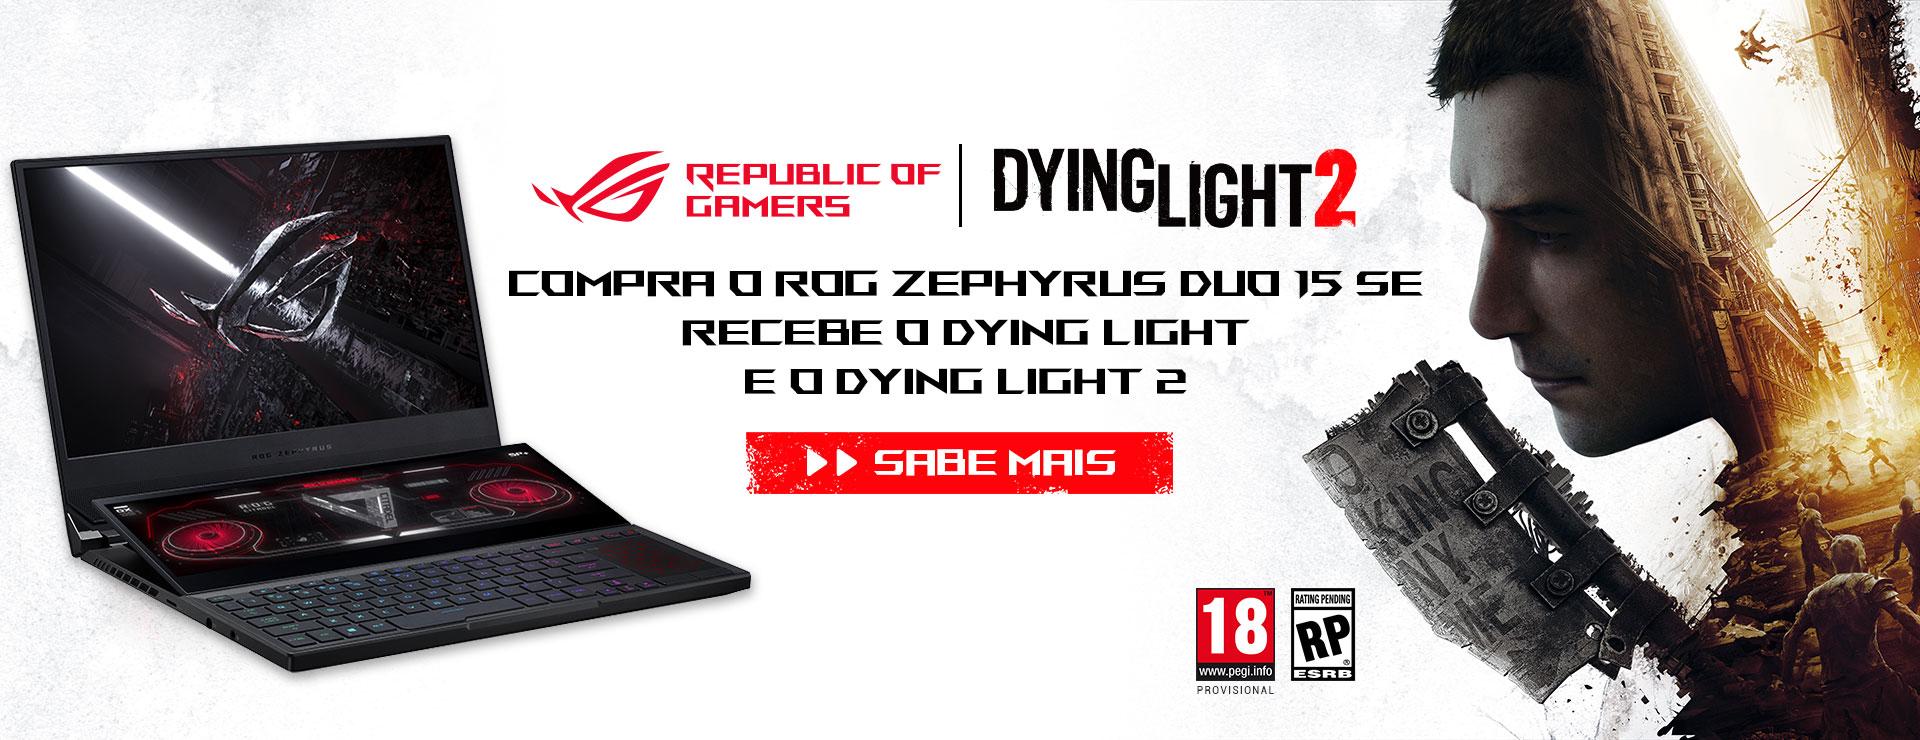 ROG Dying Light 2